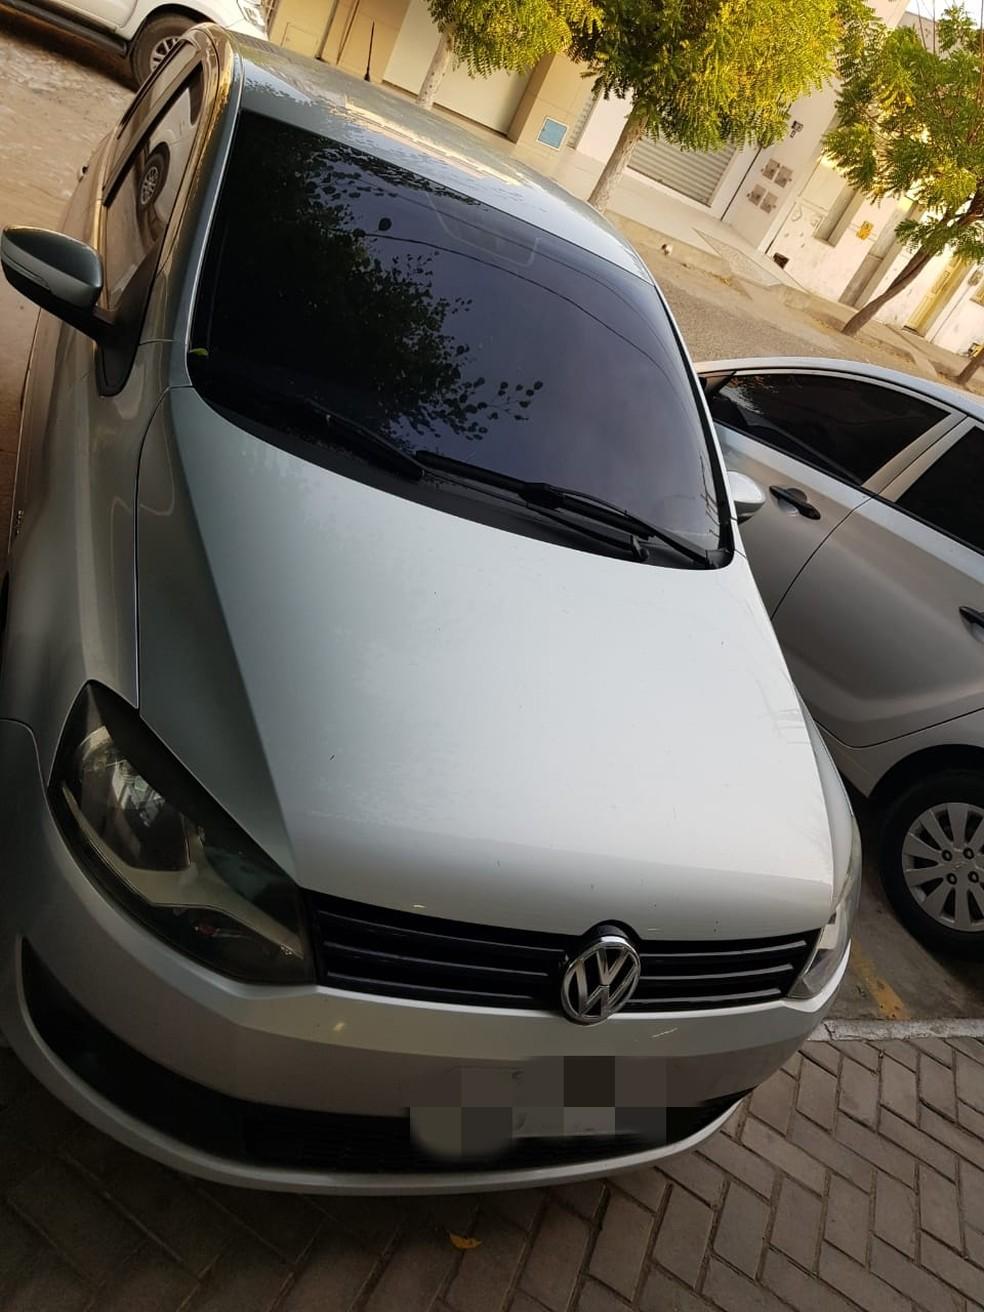 Veículo negociado em Russas foi apreendido e restituído ao legítimo proprietário. — Foto: Policial Civil/ Divulgação